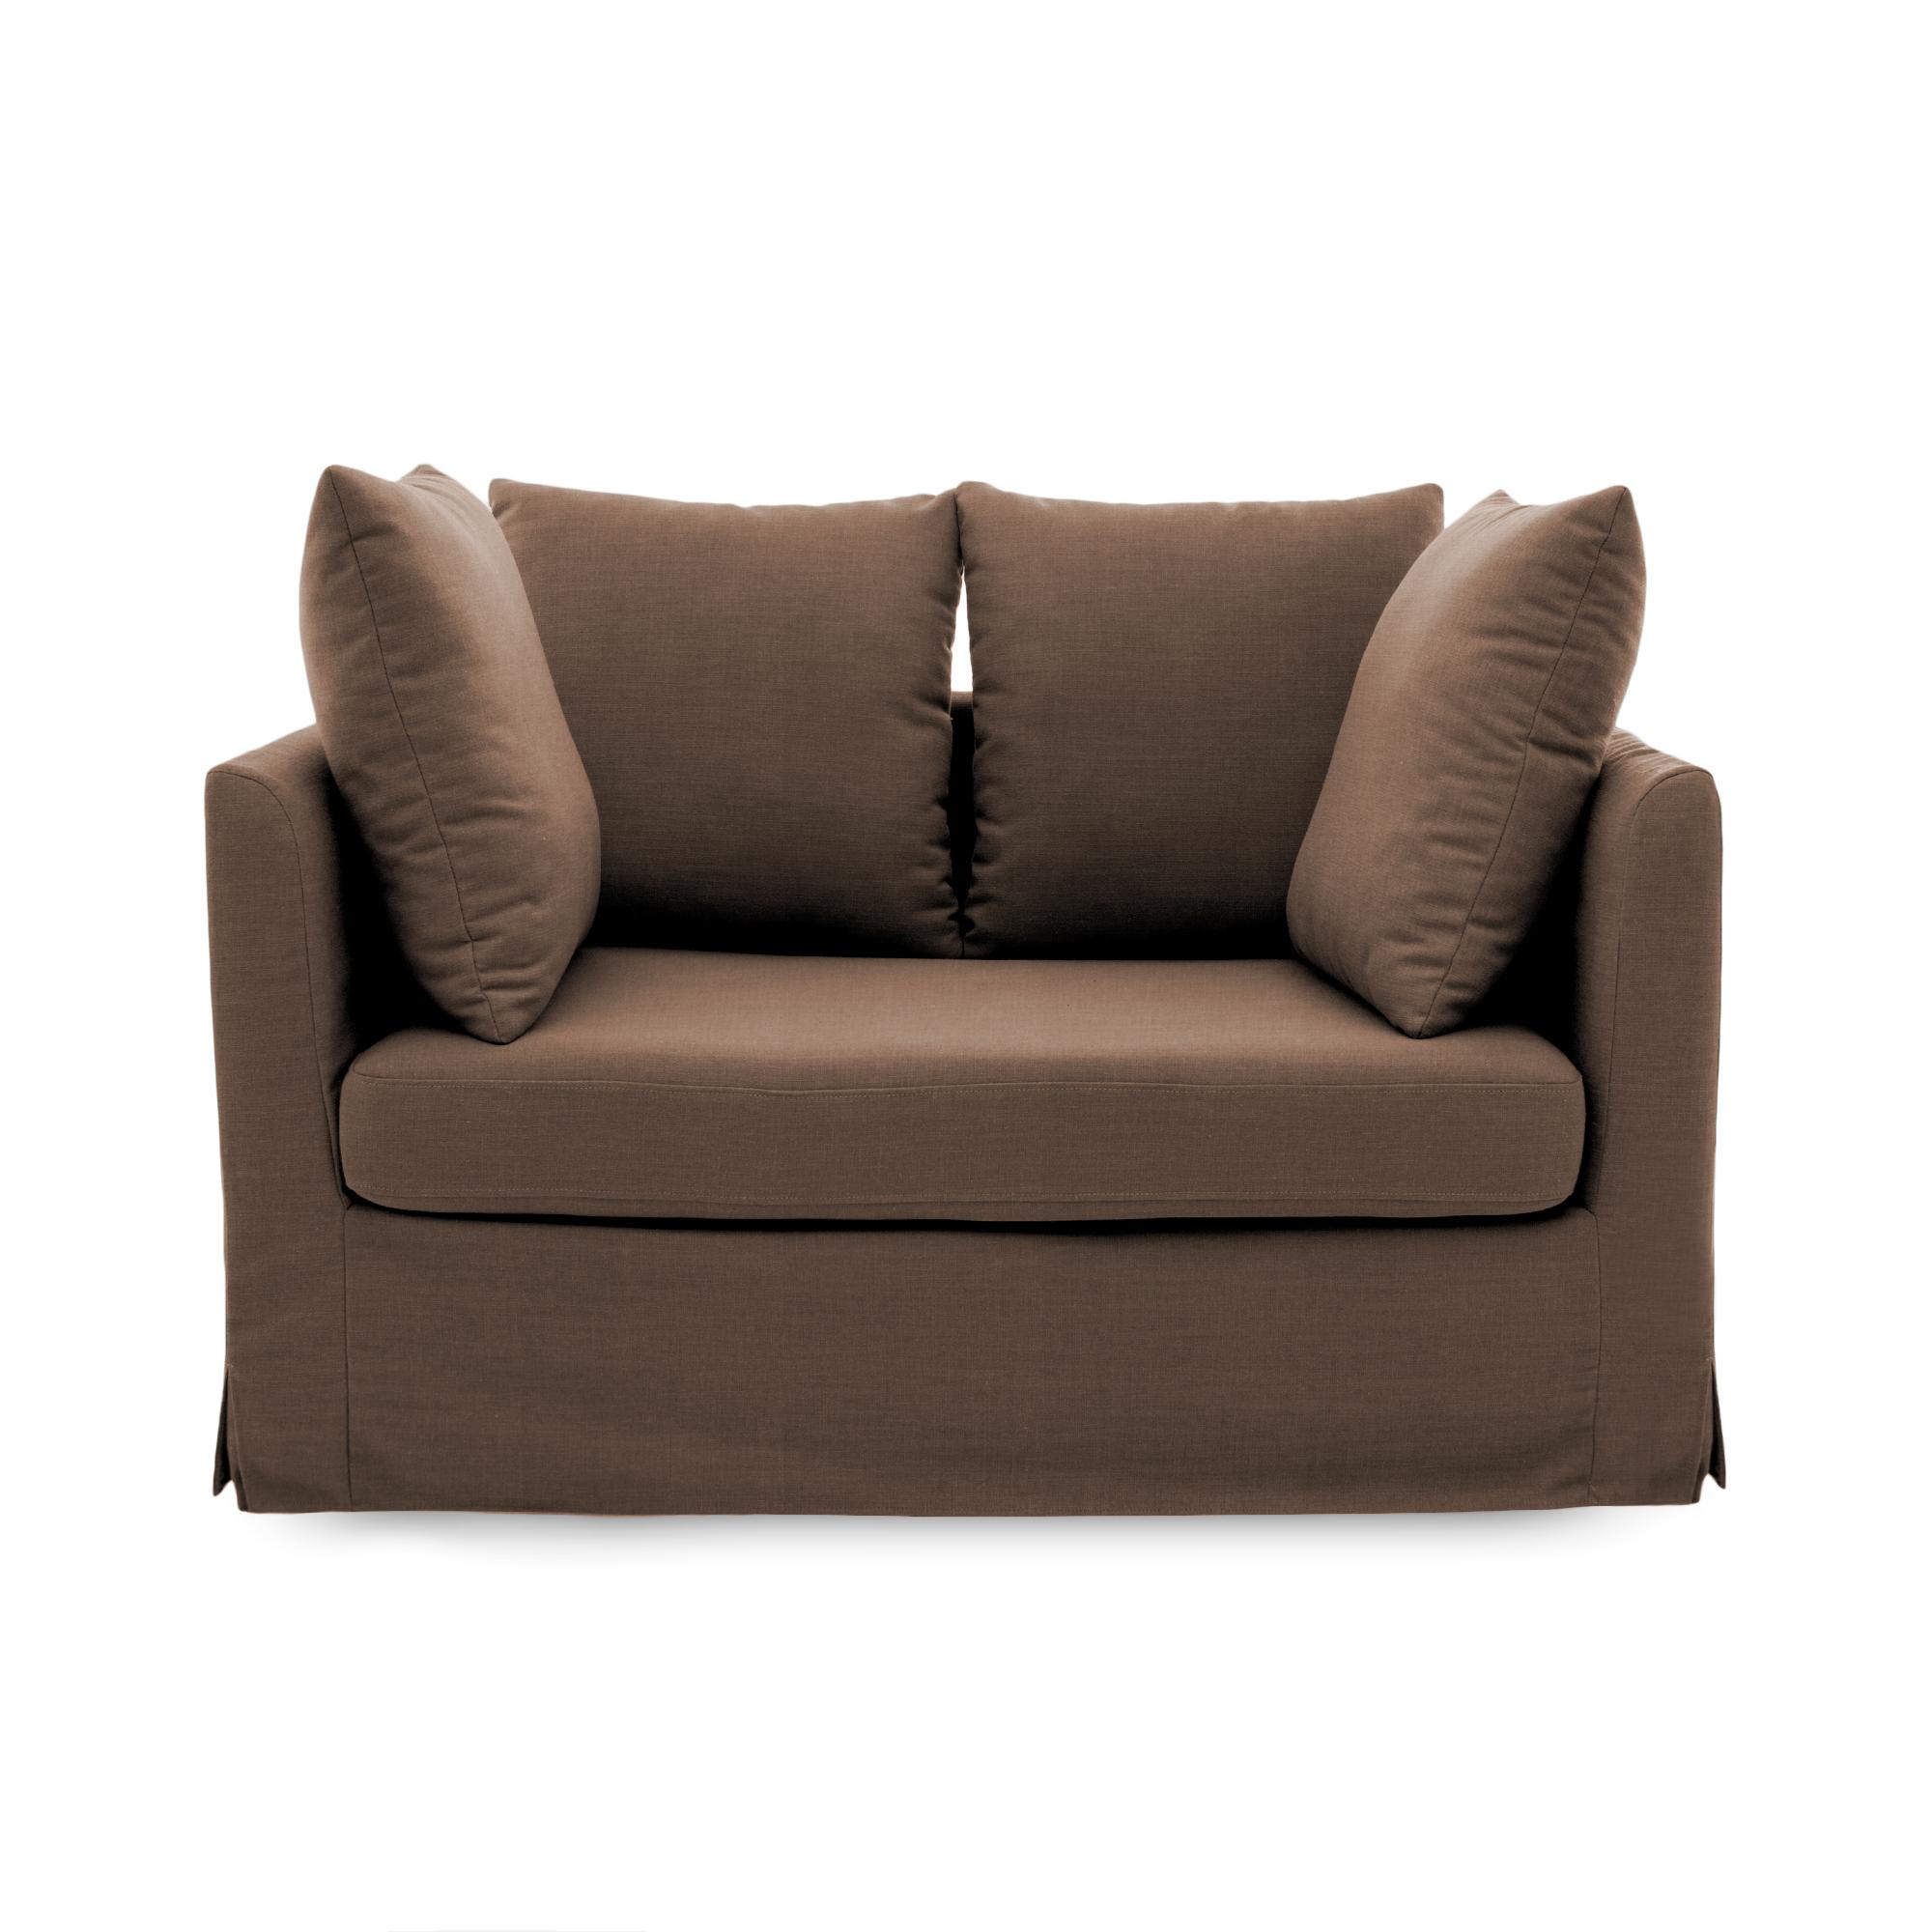 Canapea Fixa 2 locuri Coraly Brown